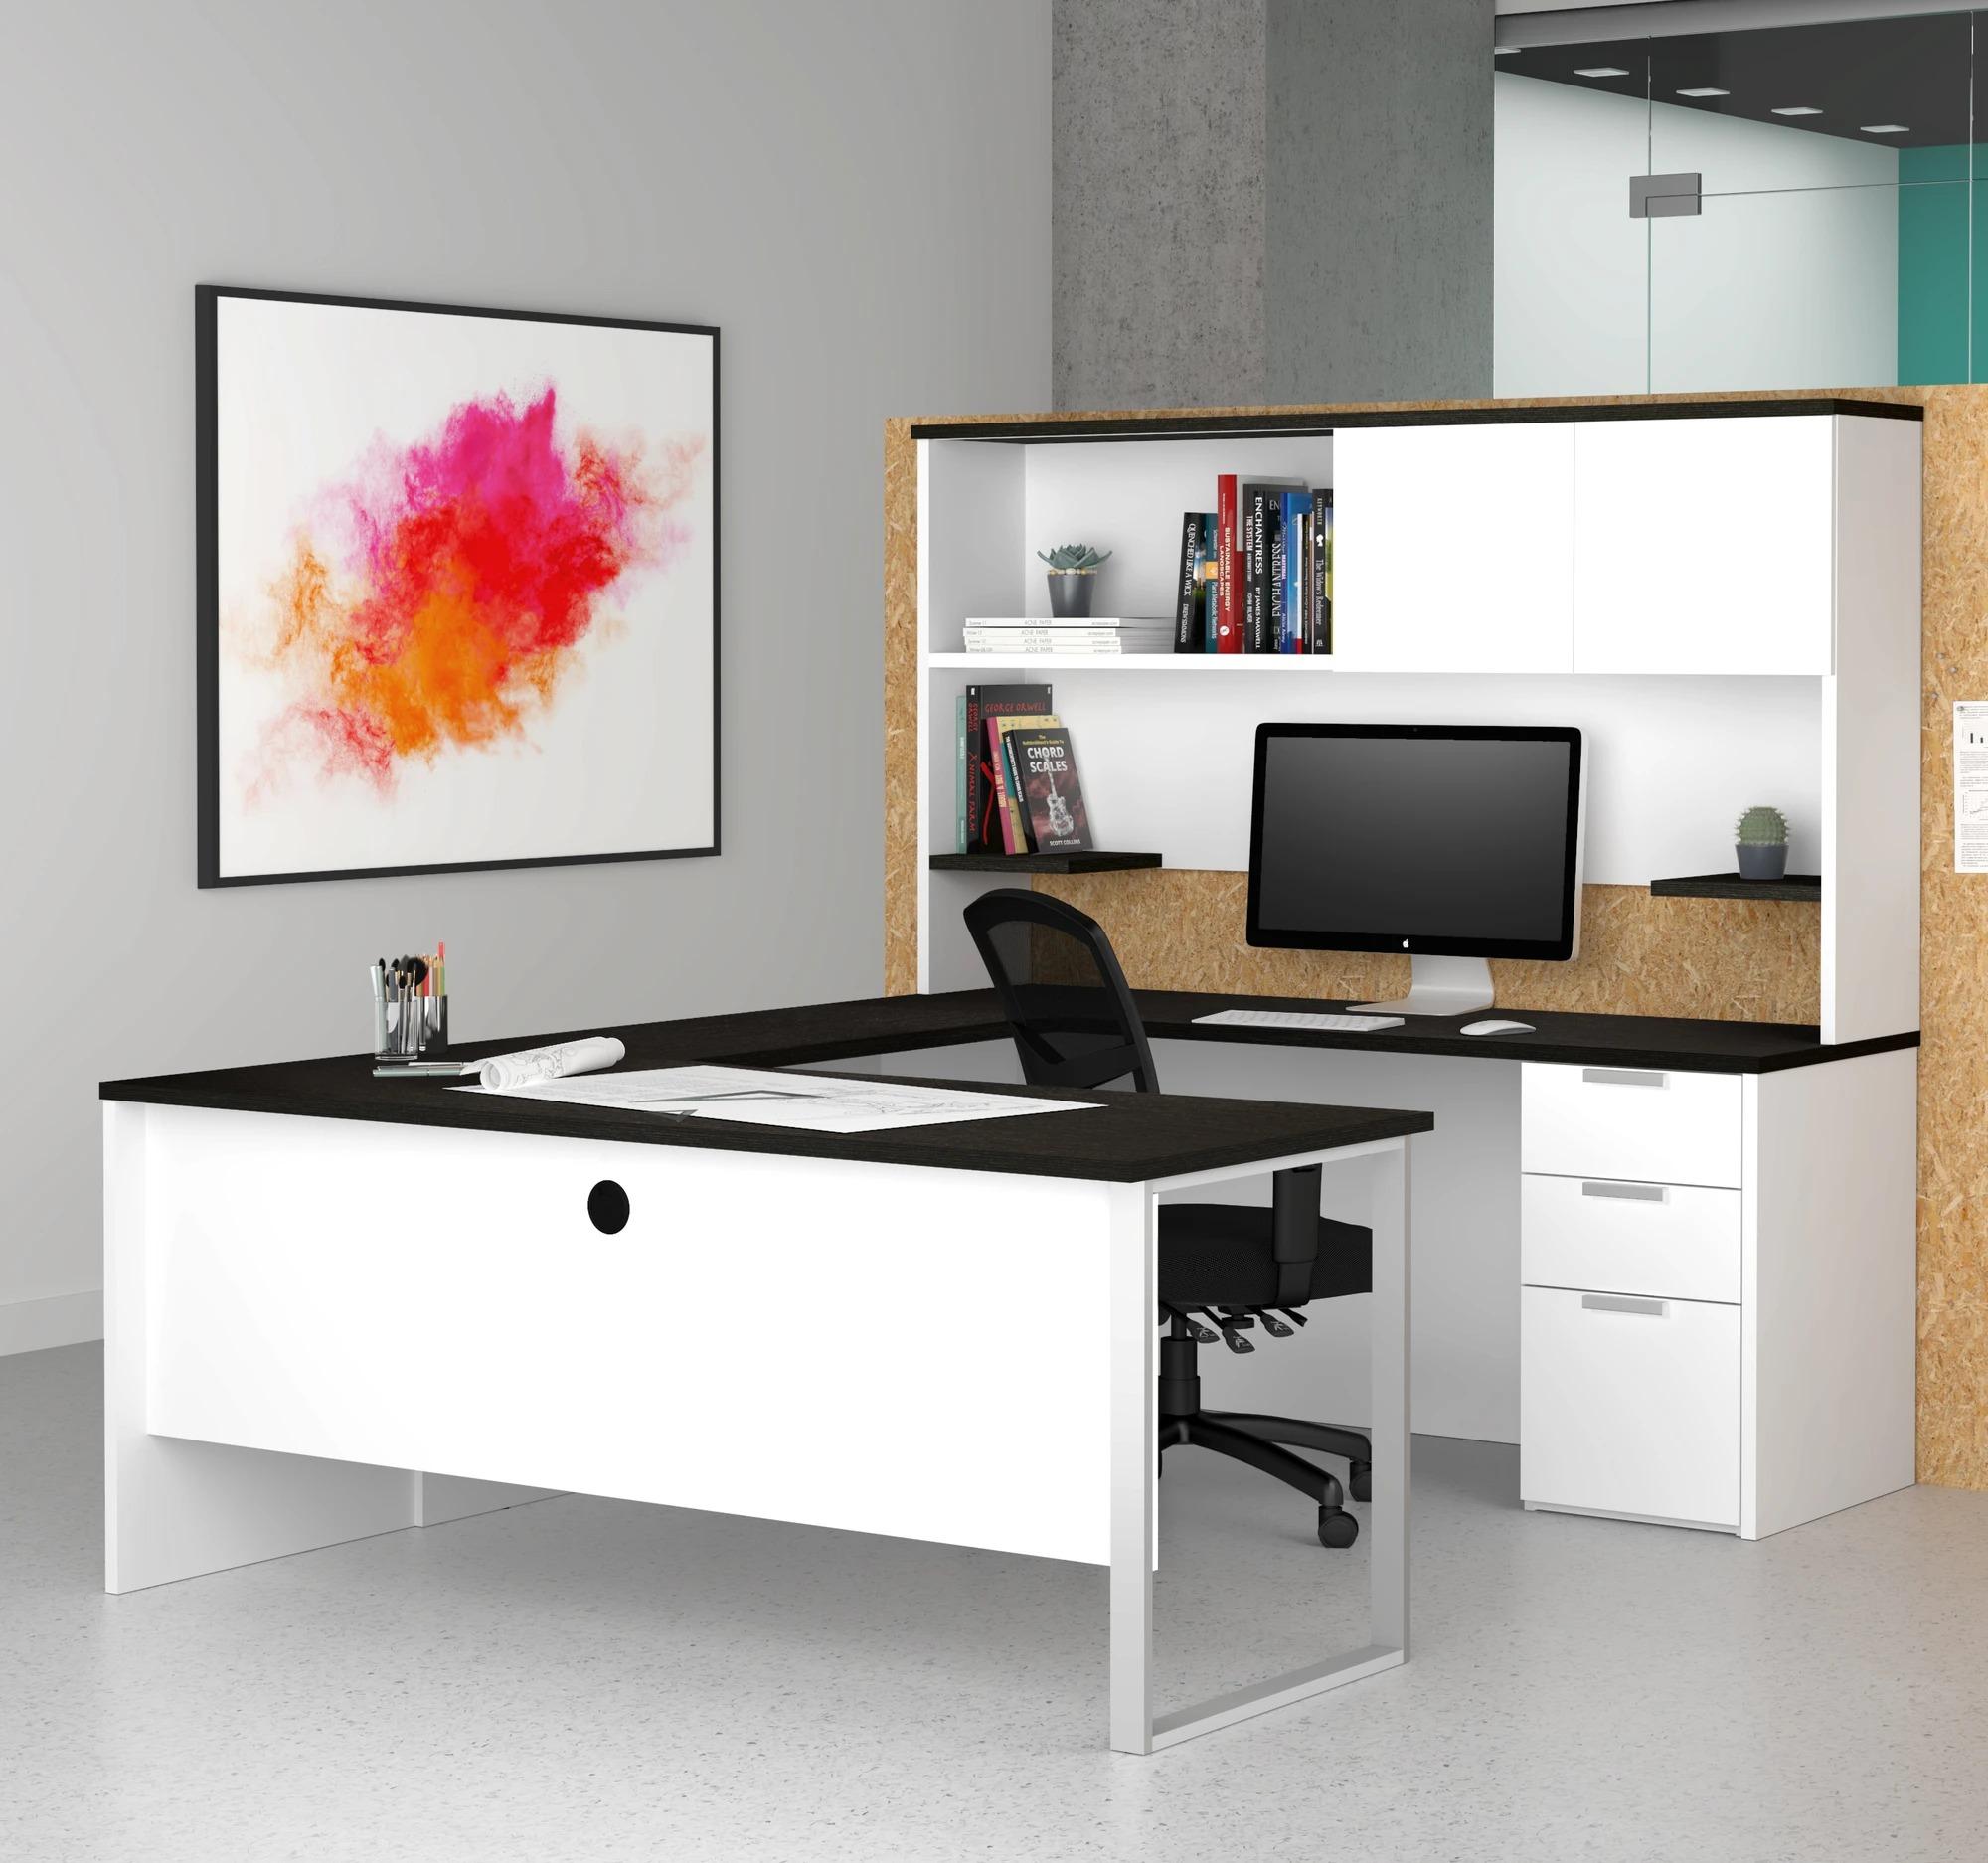 sản phẩm nội thất văn phòng đẹp